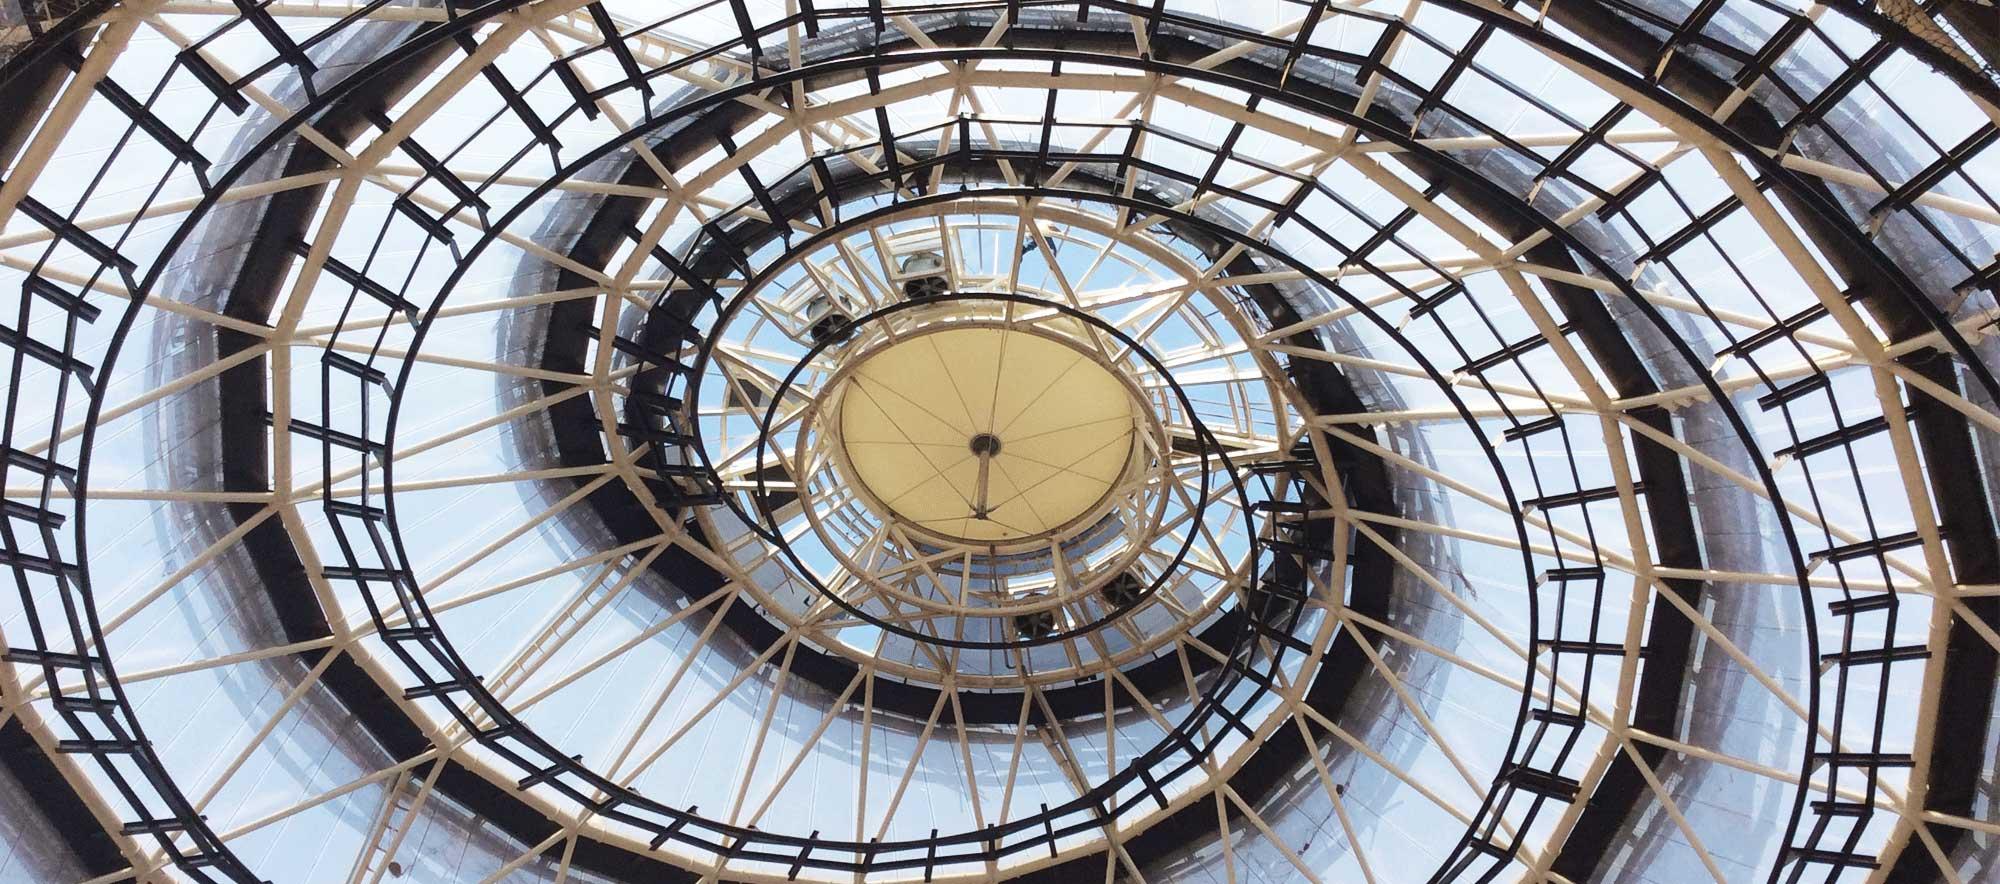 ETFE hailed by international architects